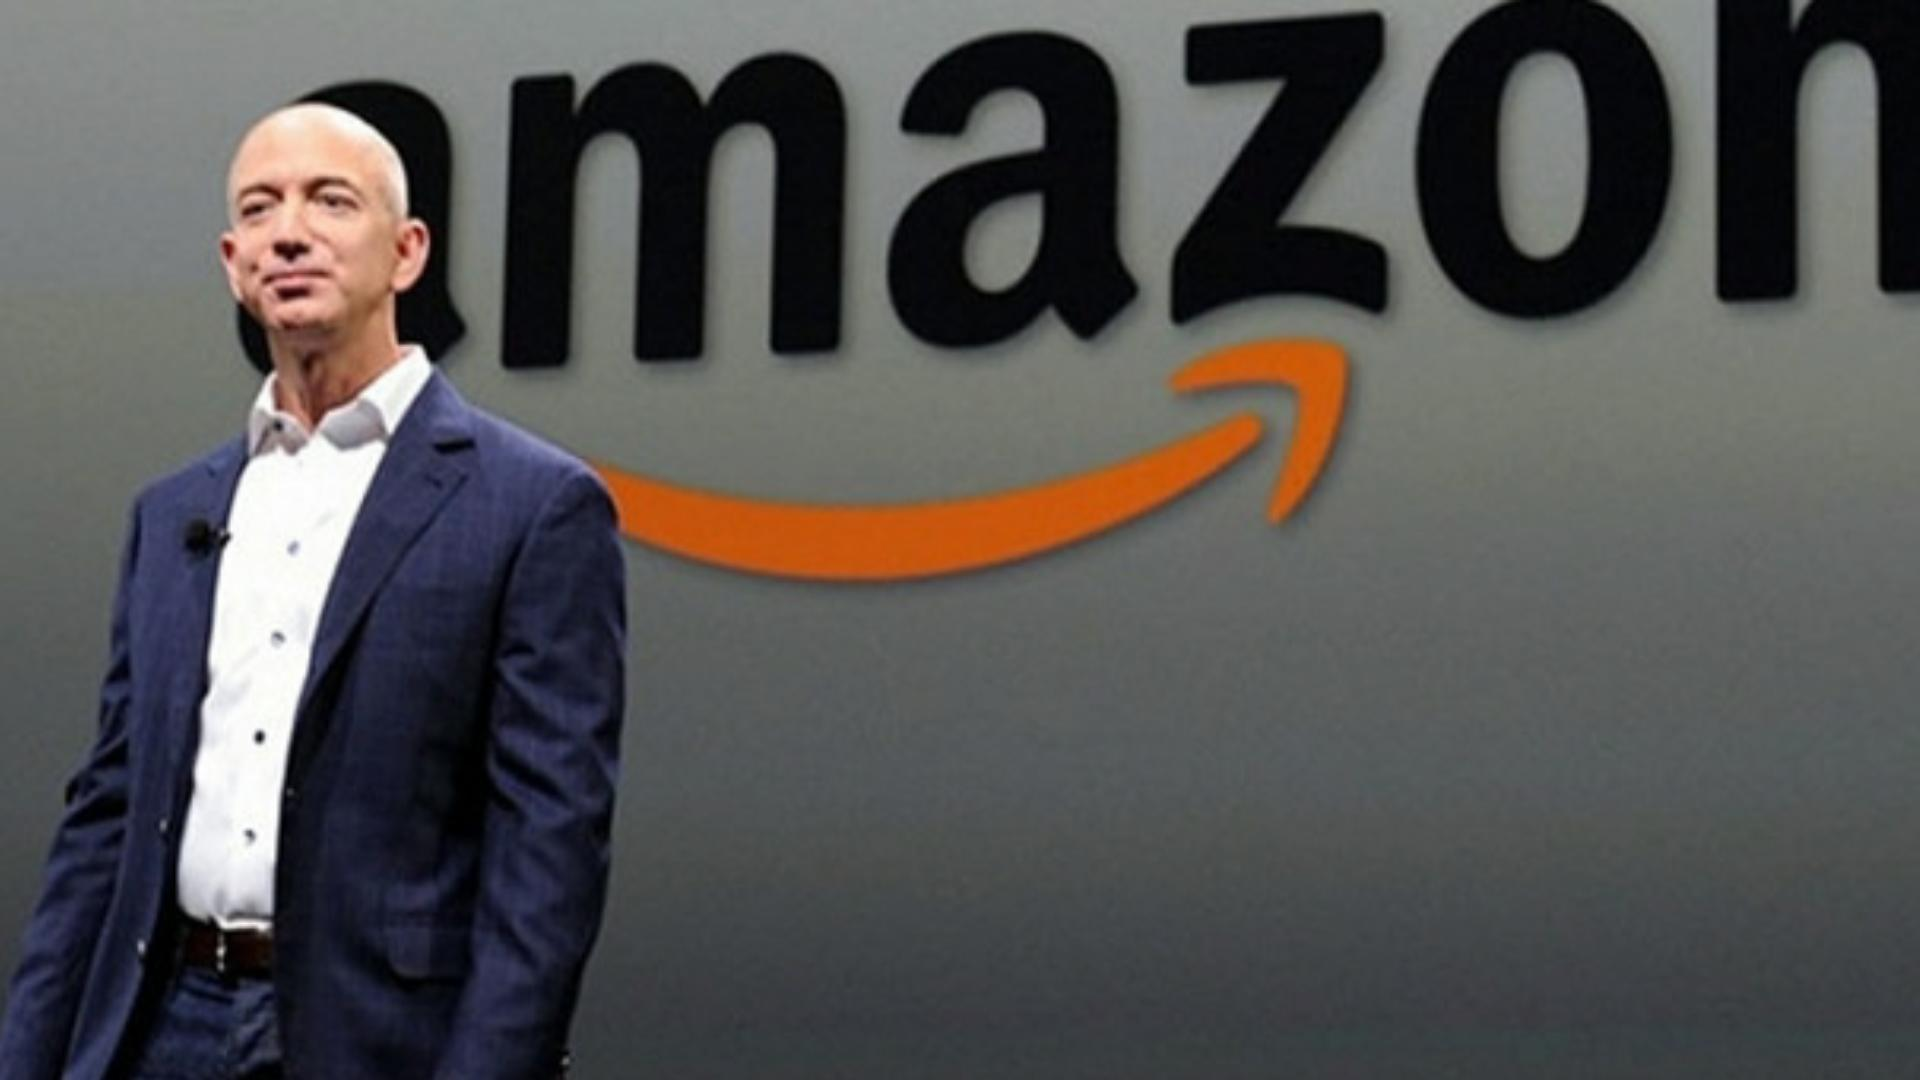 亚马逊新手应该注意哪些问题?亚马逊新手卖家最容易错误?